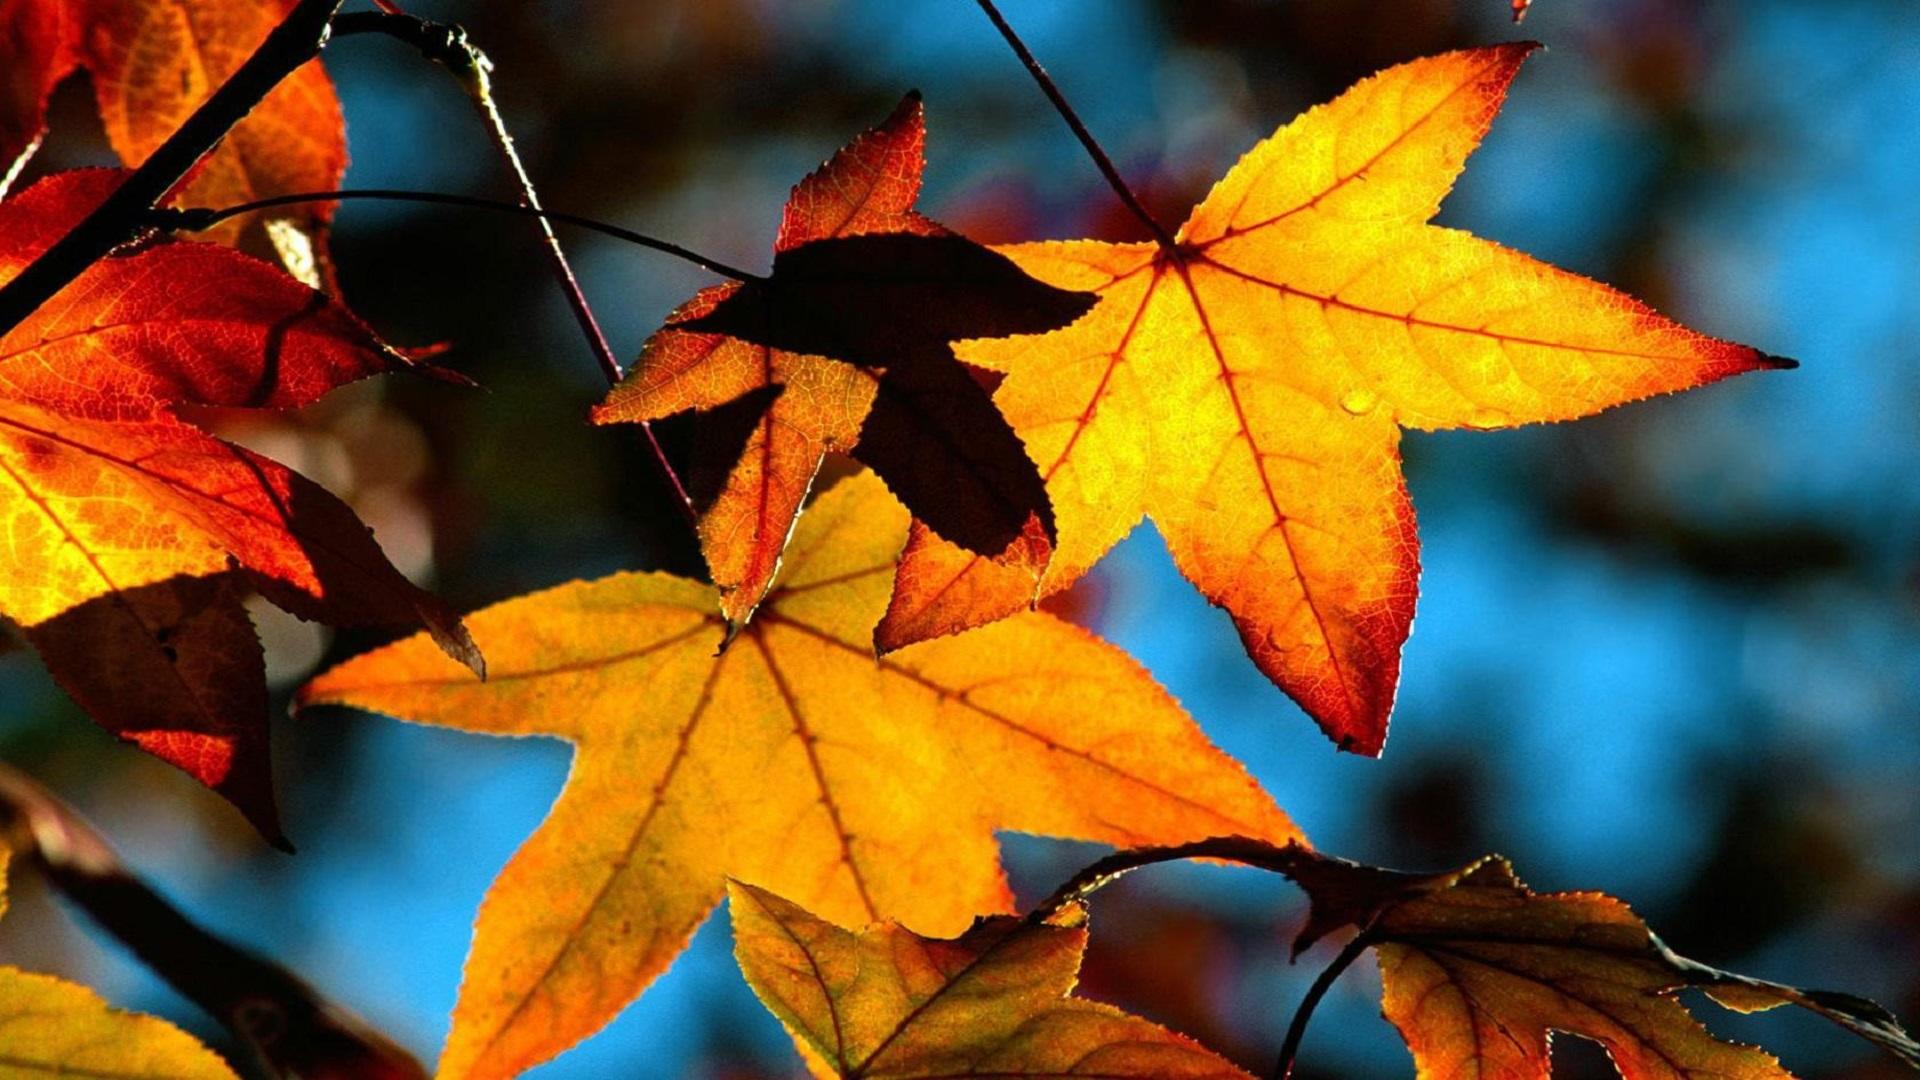 Autumn Leaves Wallpaper Widescreen Hd Wallpaper